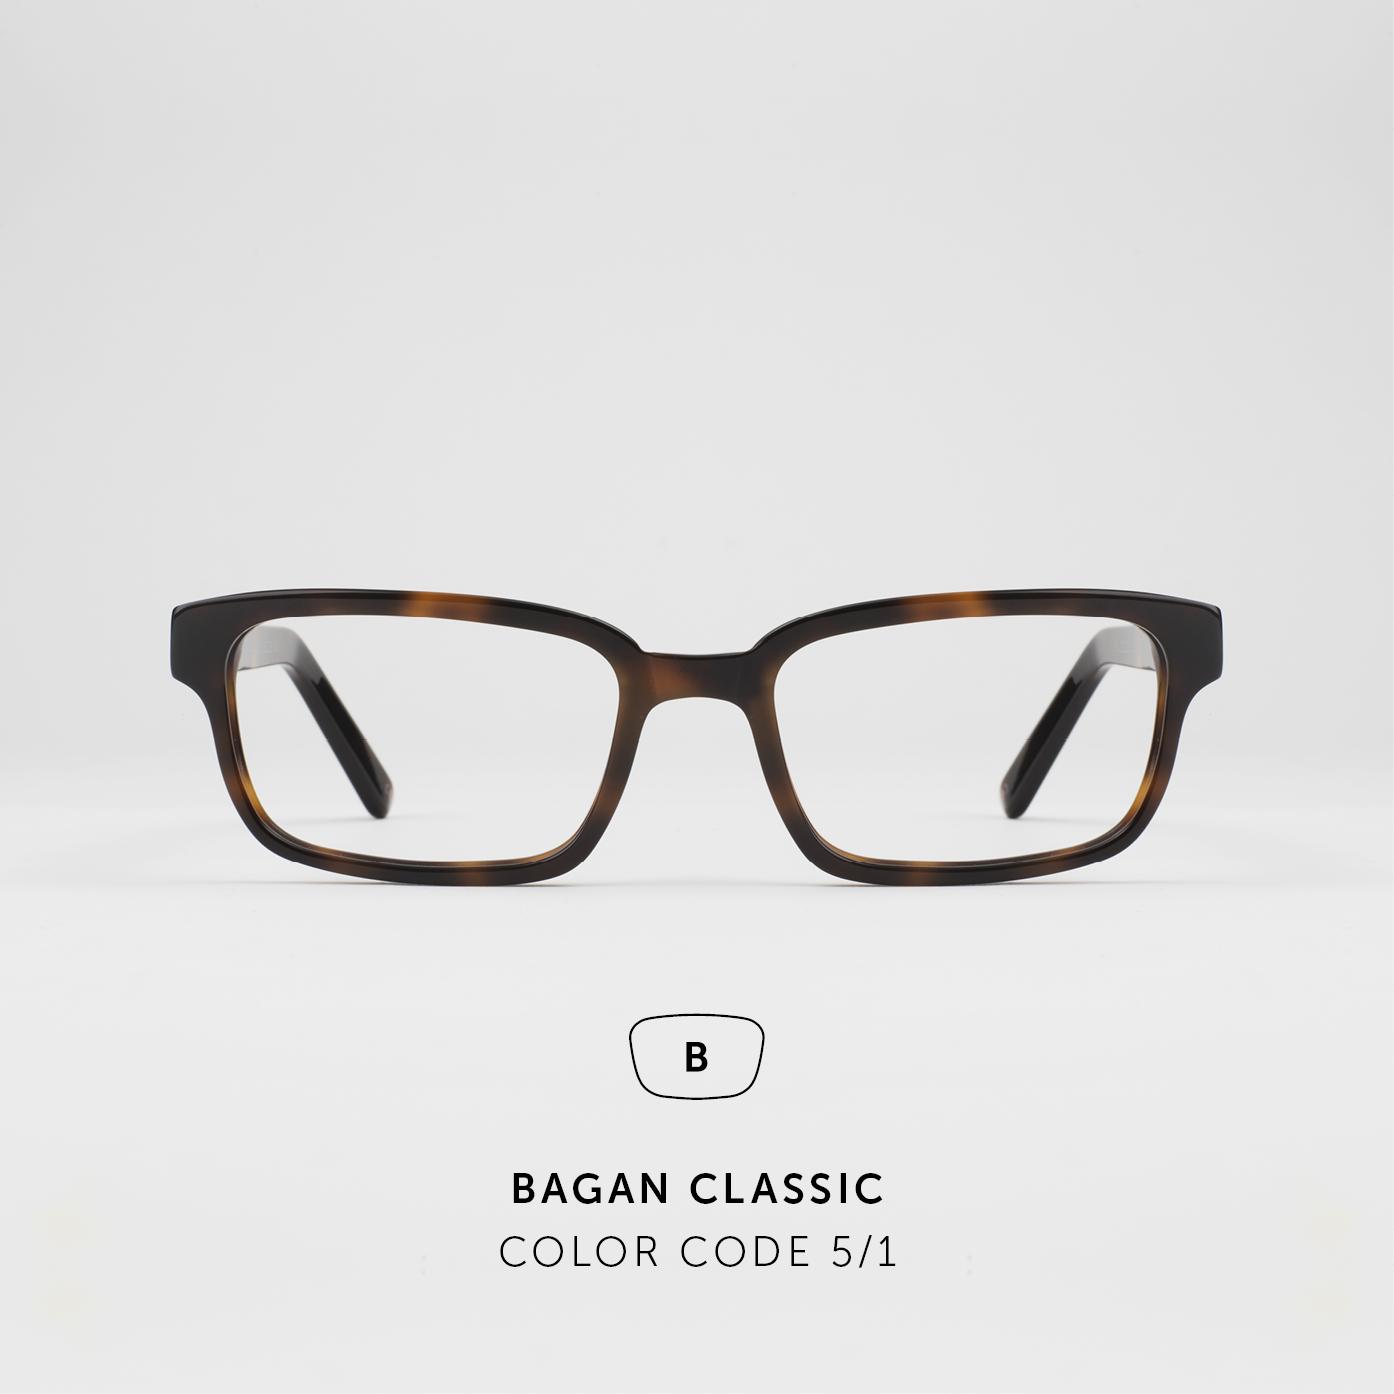 BaganClassic17.jpg